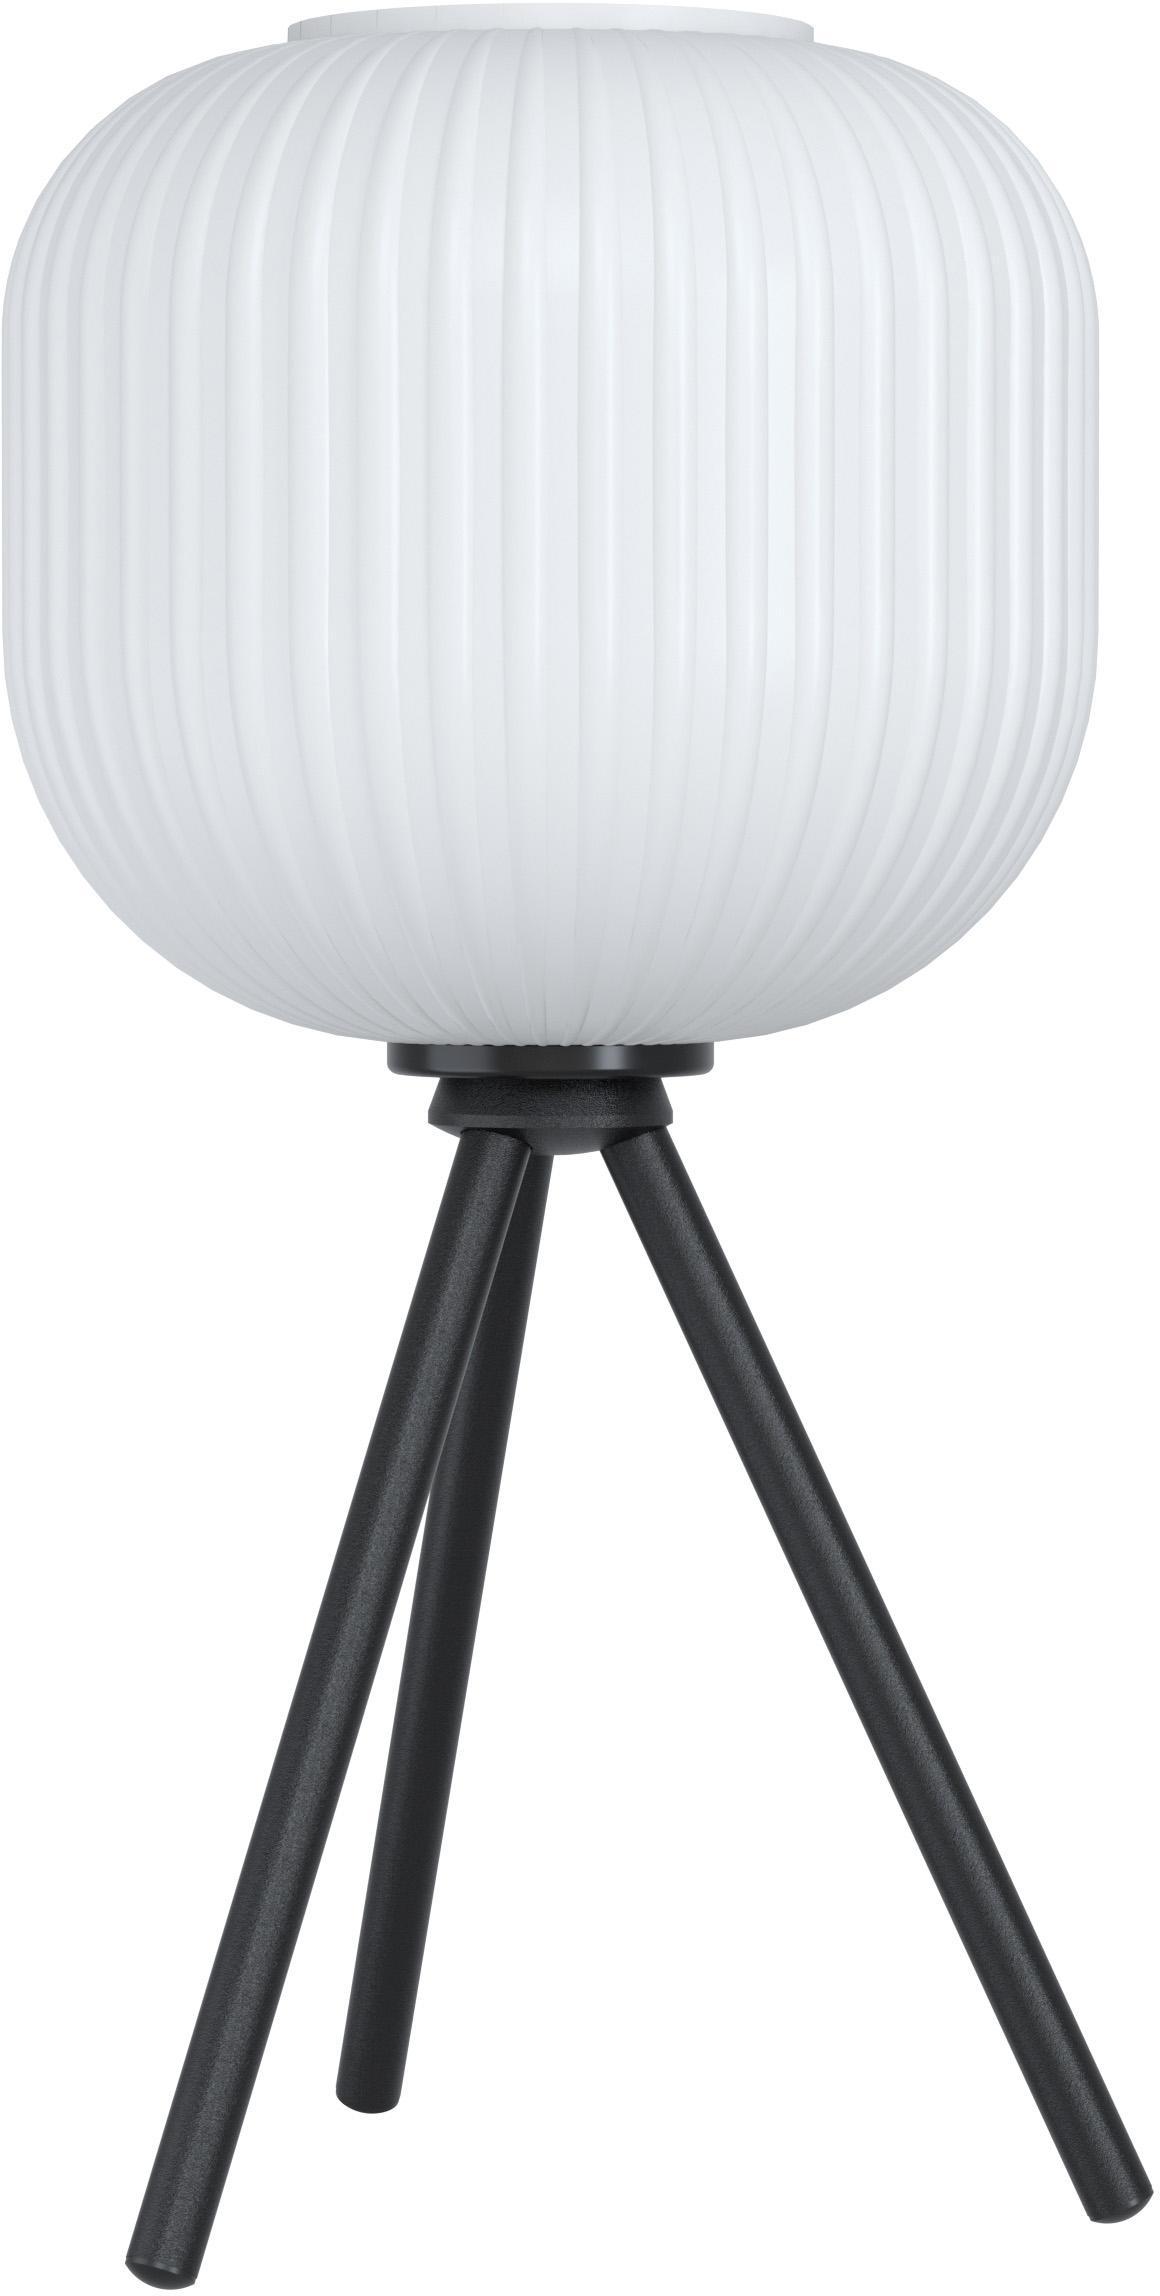 Lampa stołowa ze szkła opalowego Mantunalle, Biały, czarny, Ø 20  x W 40 cm